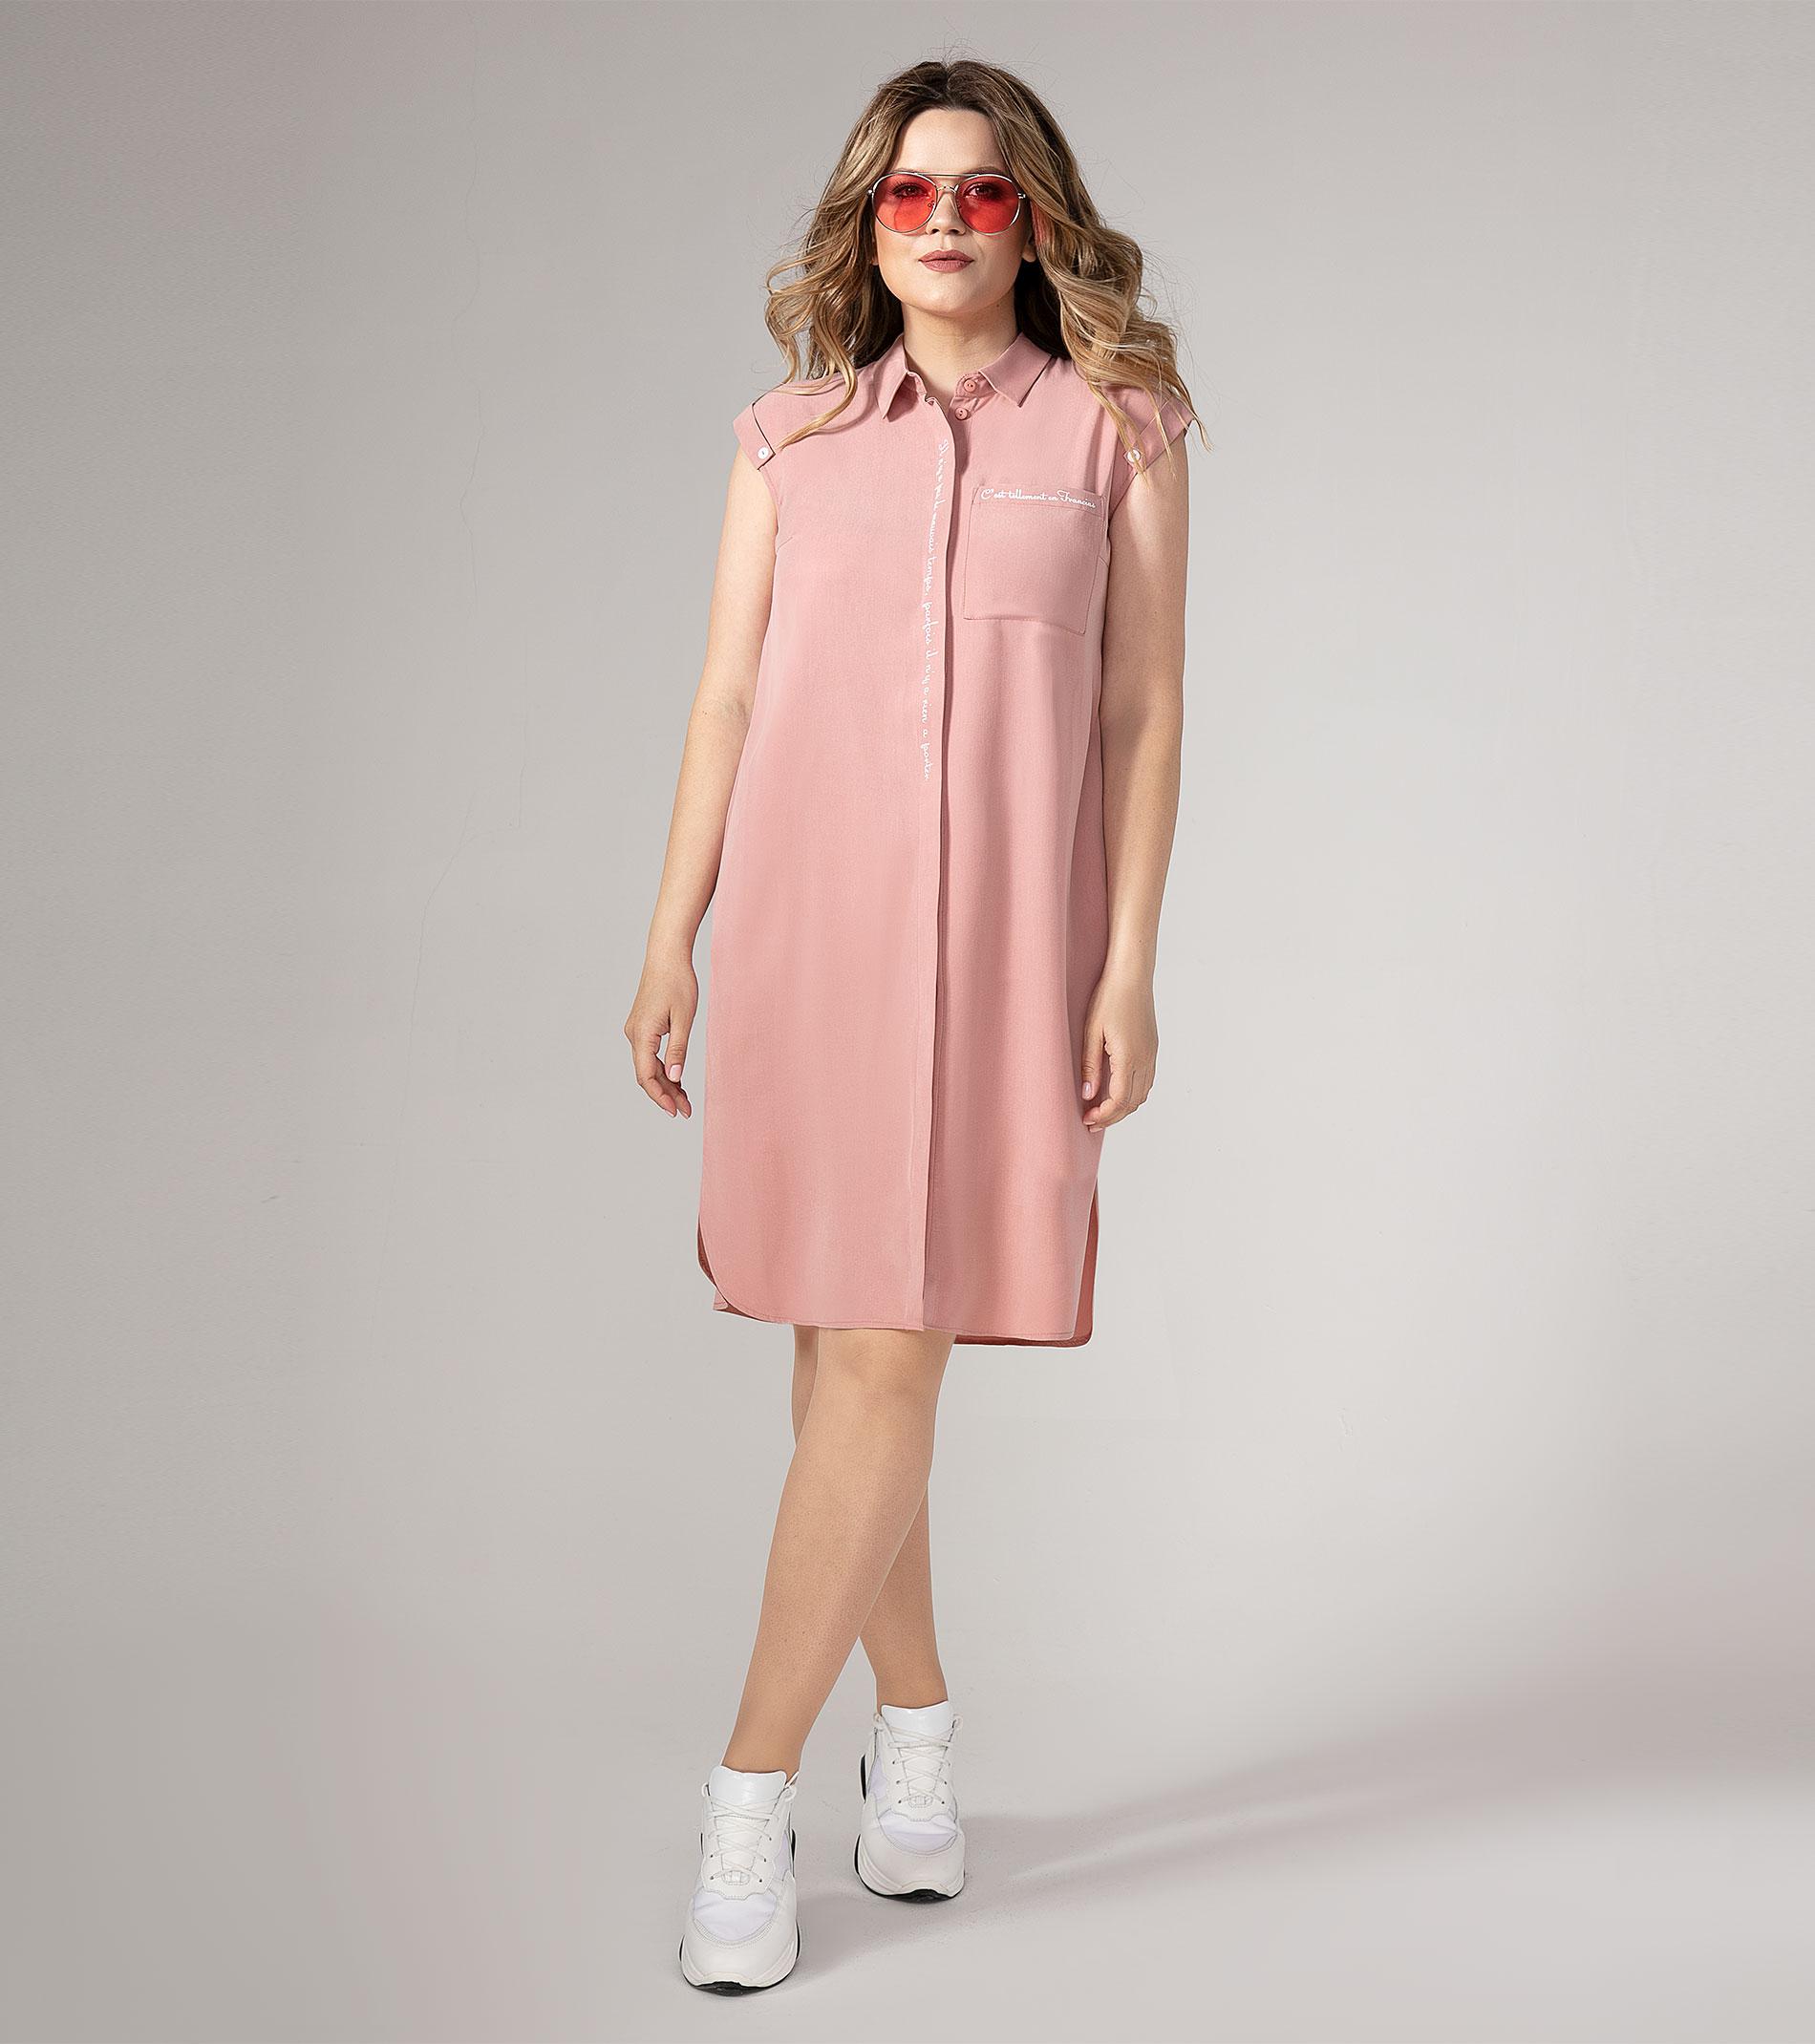 253cc39c1 Платье женское ПА 433083 оптом от производителя Panda